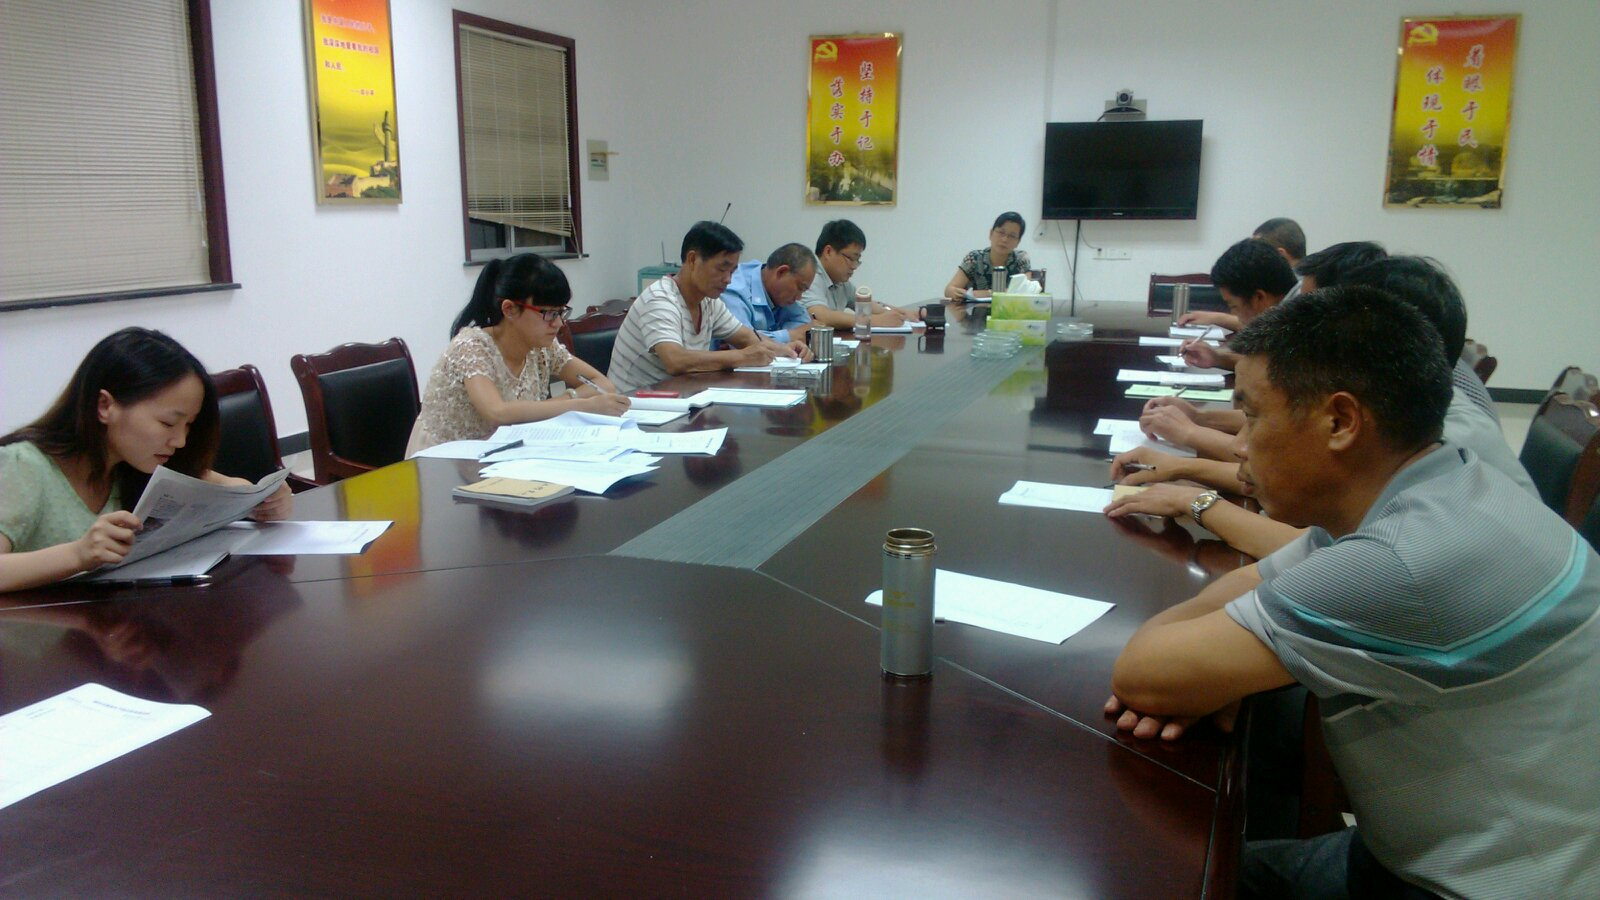 雅璜乡全体机关干部学习习近平总书记讲话精神